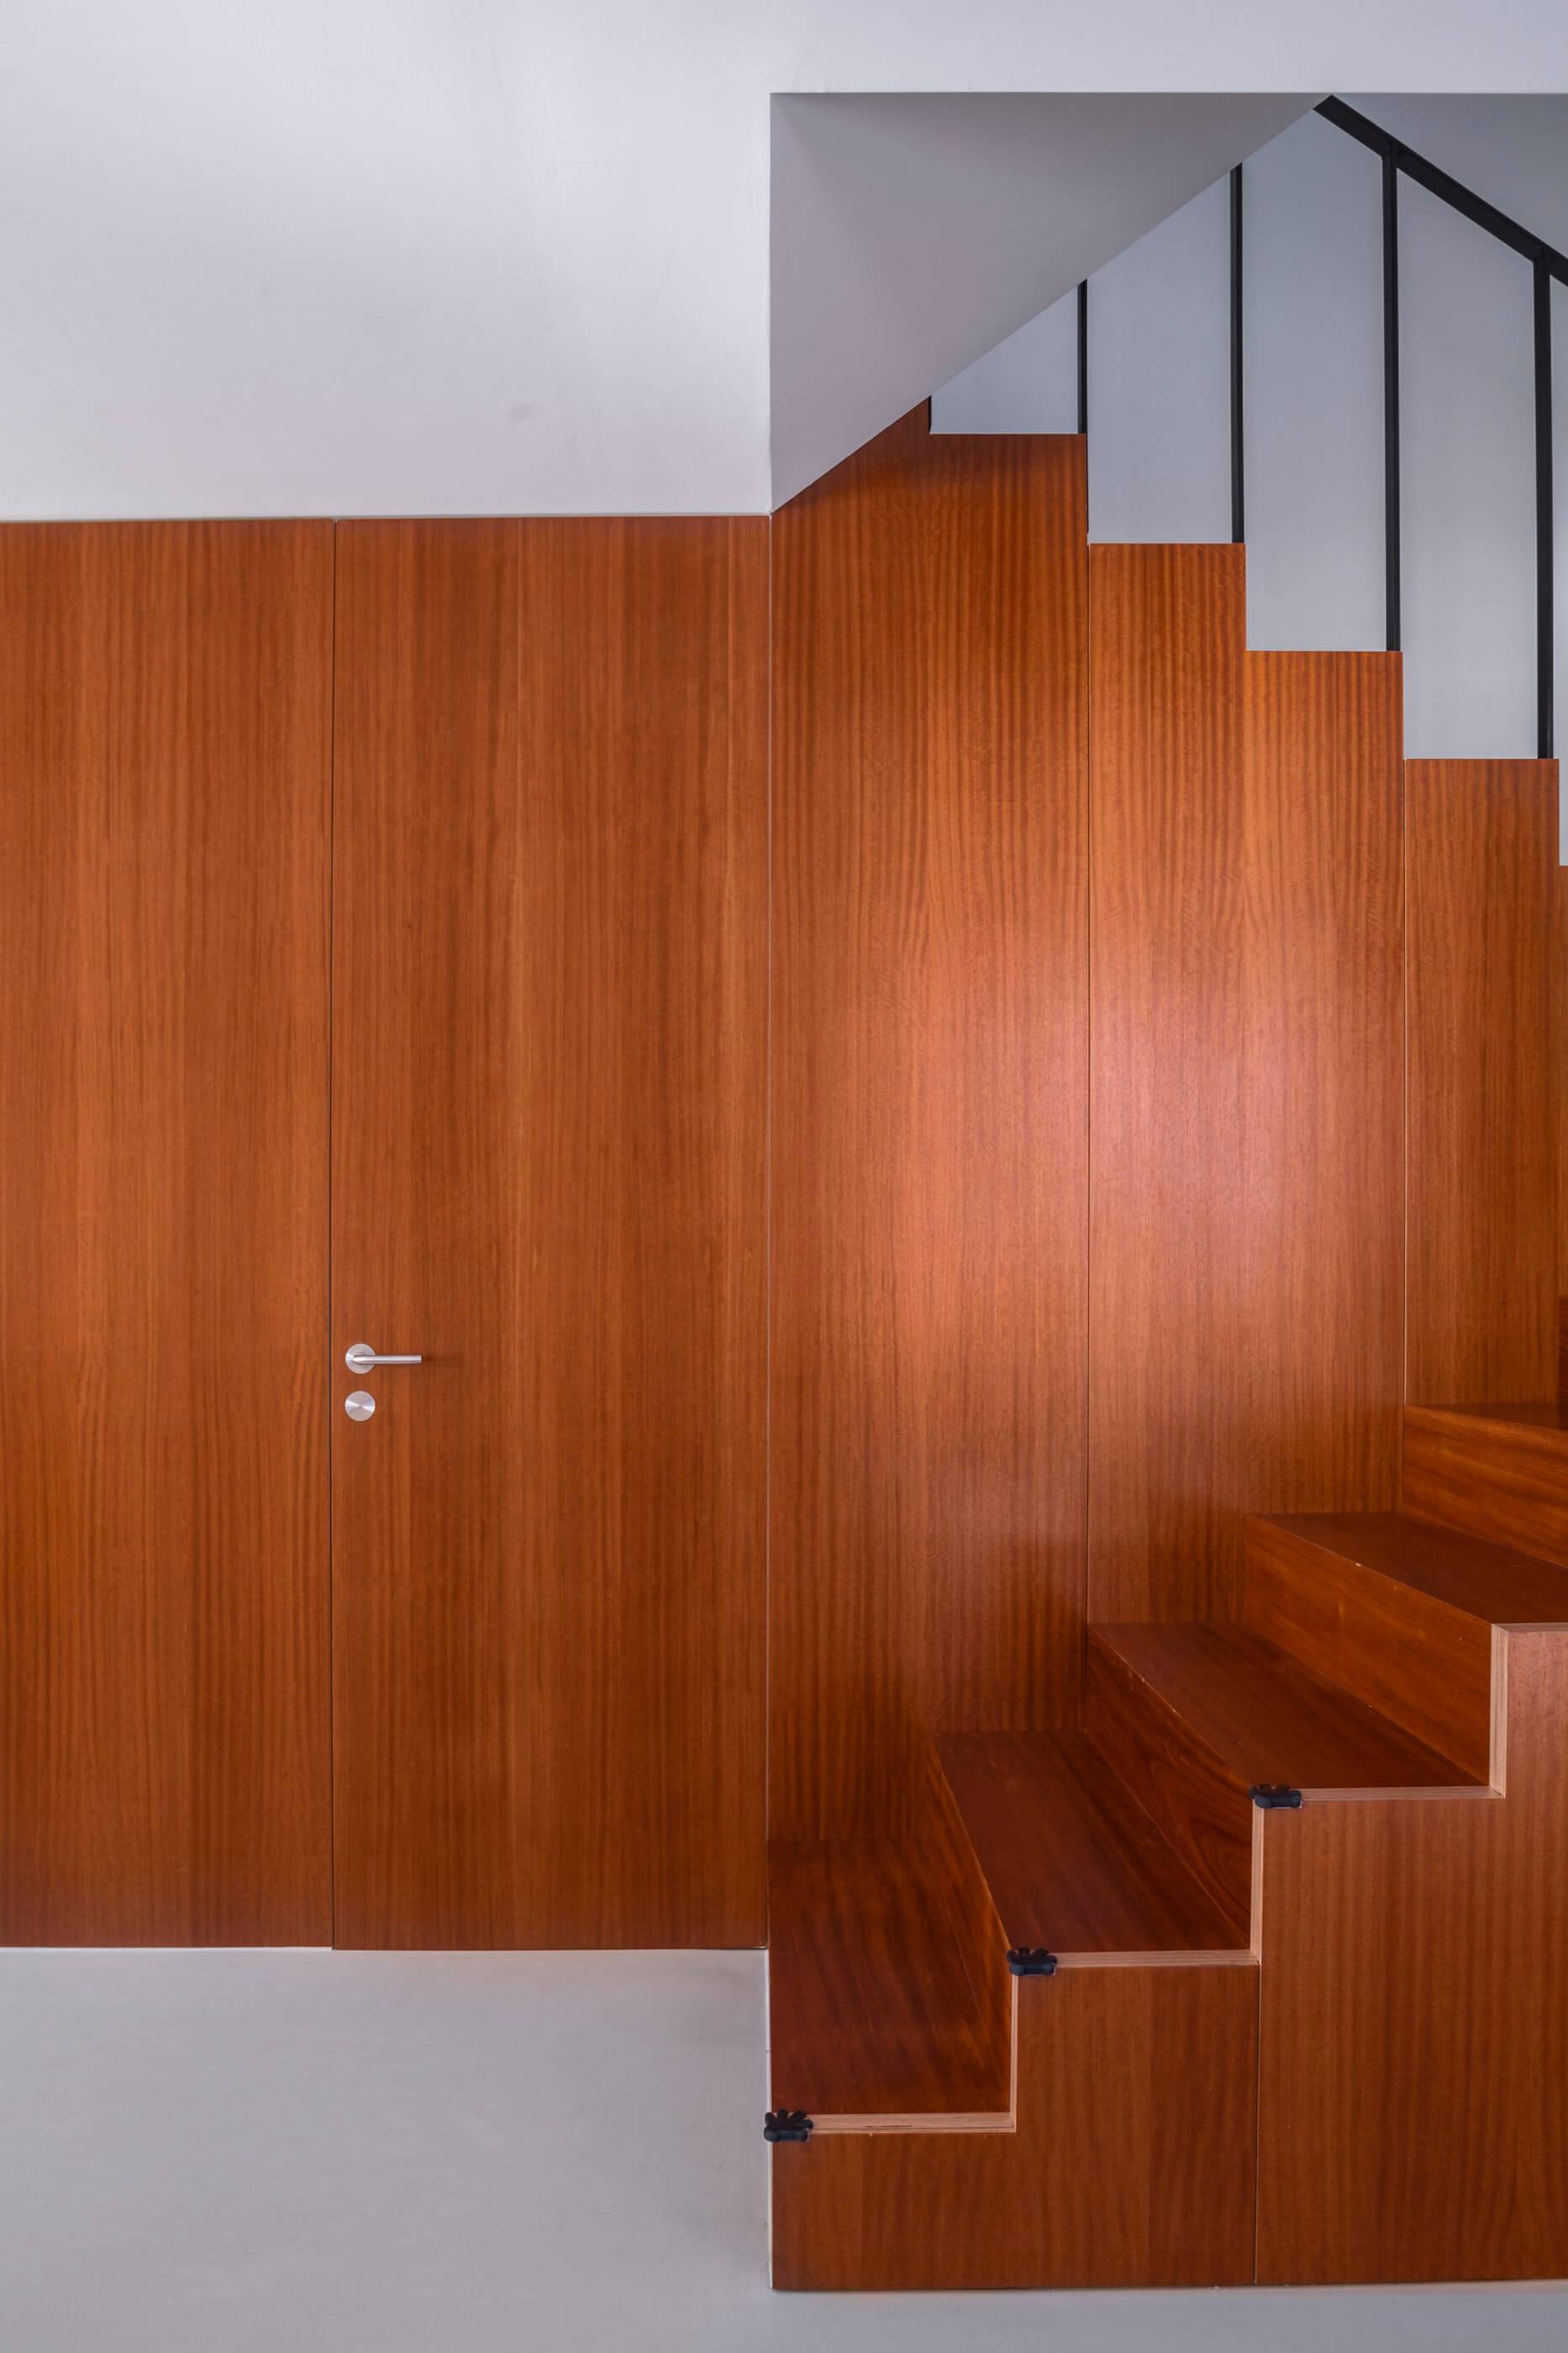 Arquitecto Lousinha Casa Fontes 10 do fotografo Ivo Tavares Studio